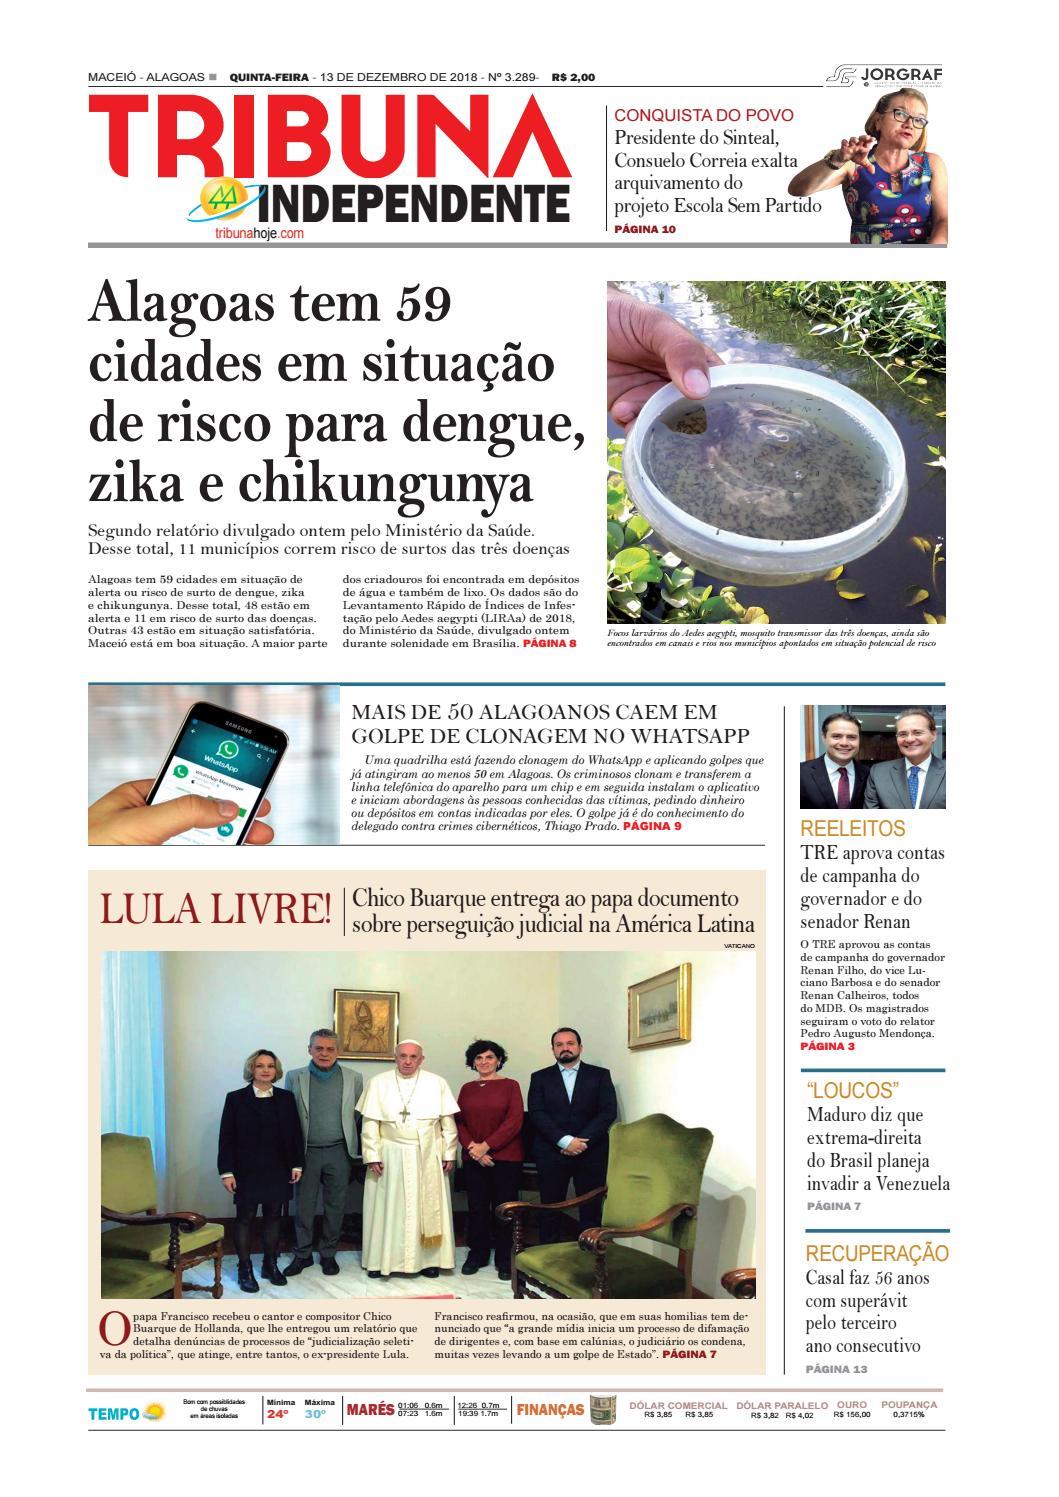 d81126eb8 Edição número 3289 - 13 de dezembro de 2018 by Tribuna Hoje - issuu